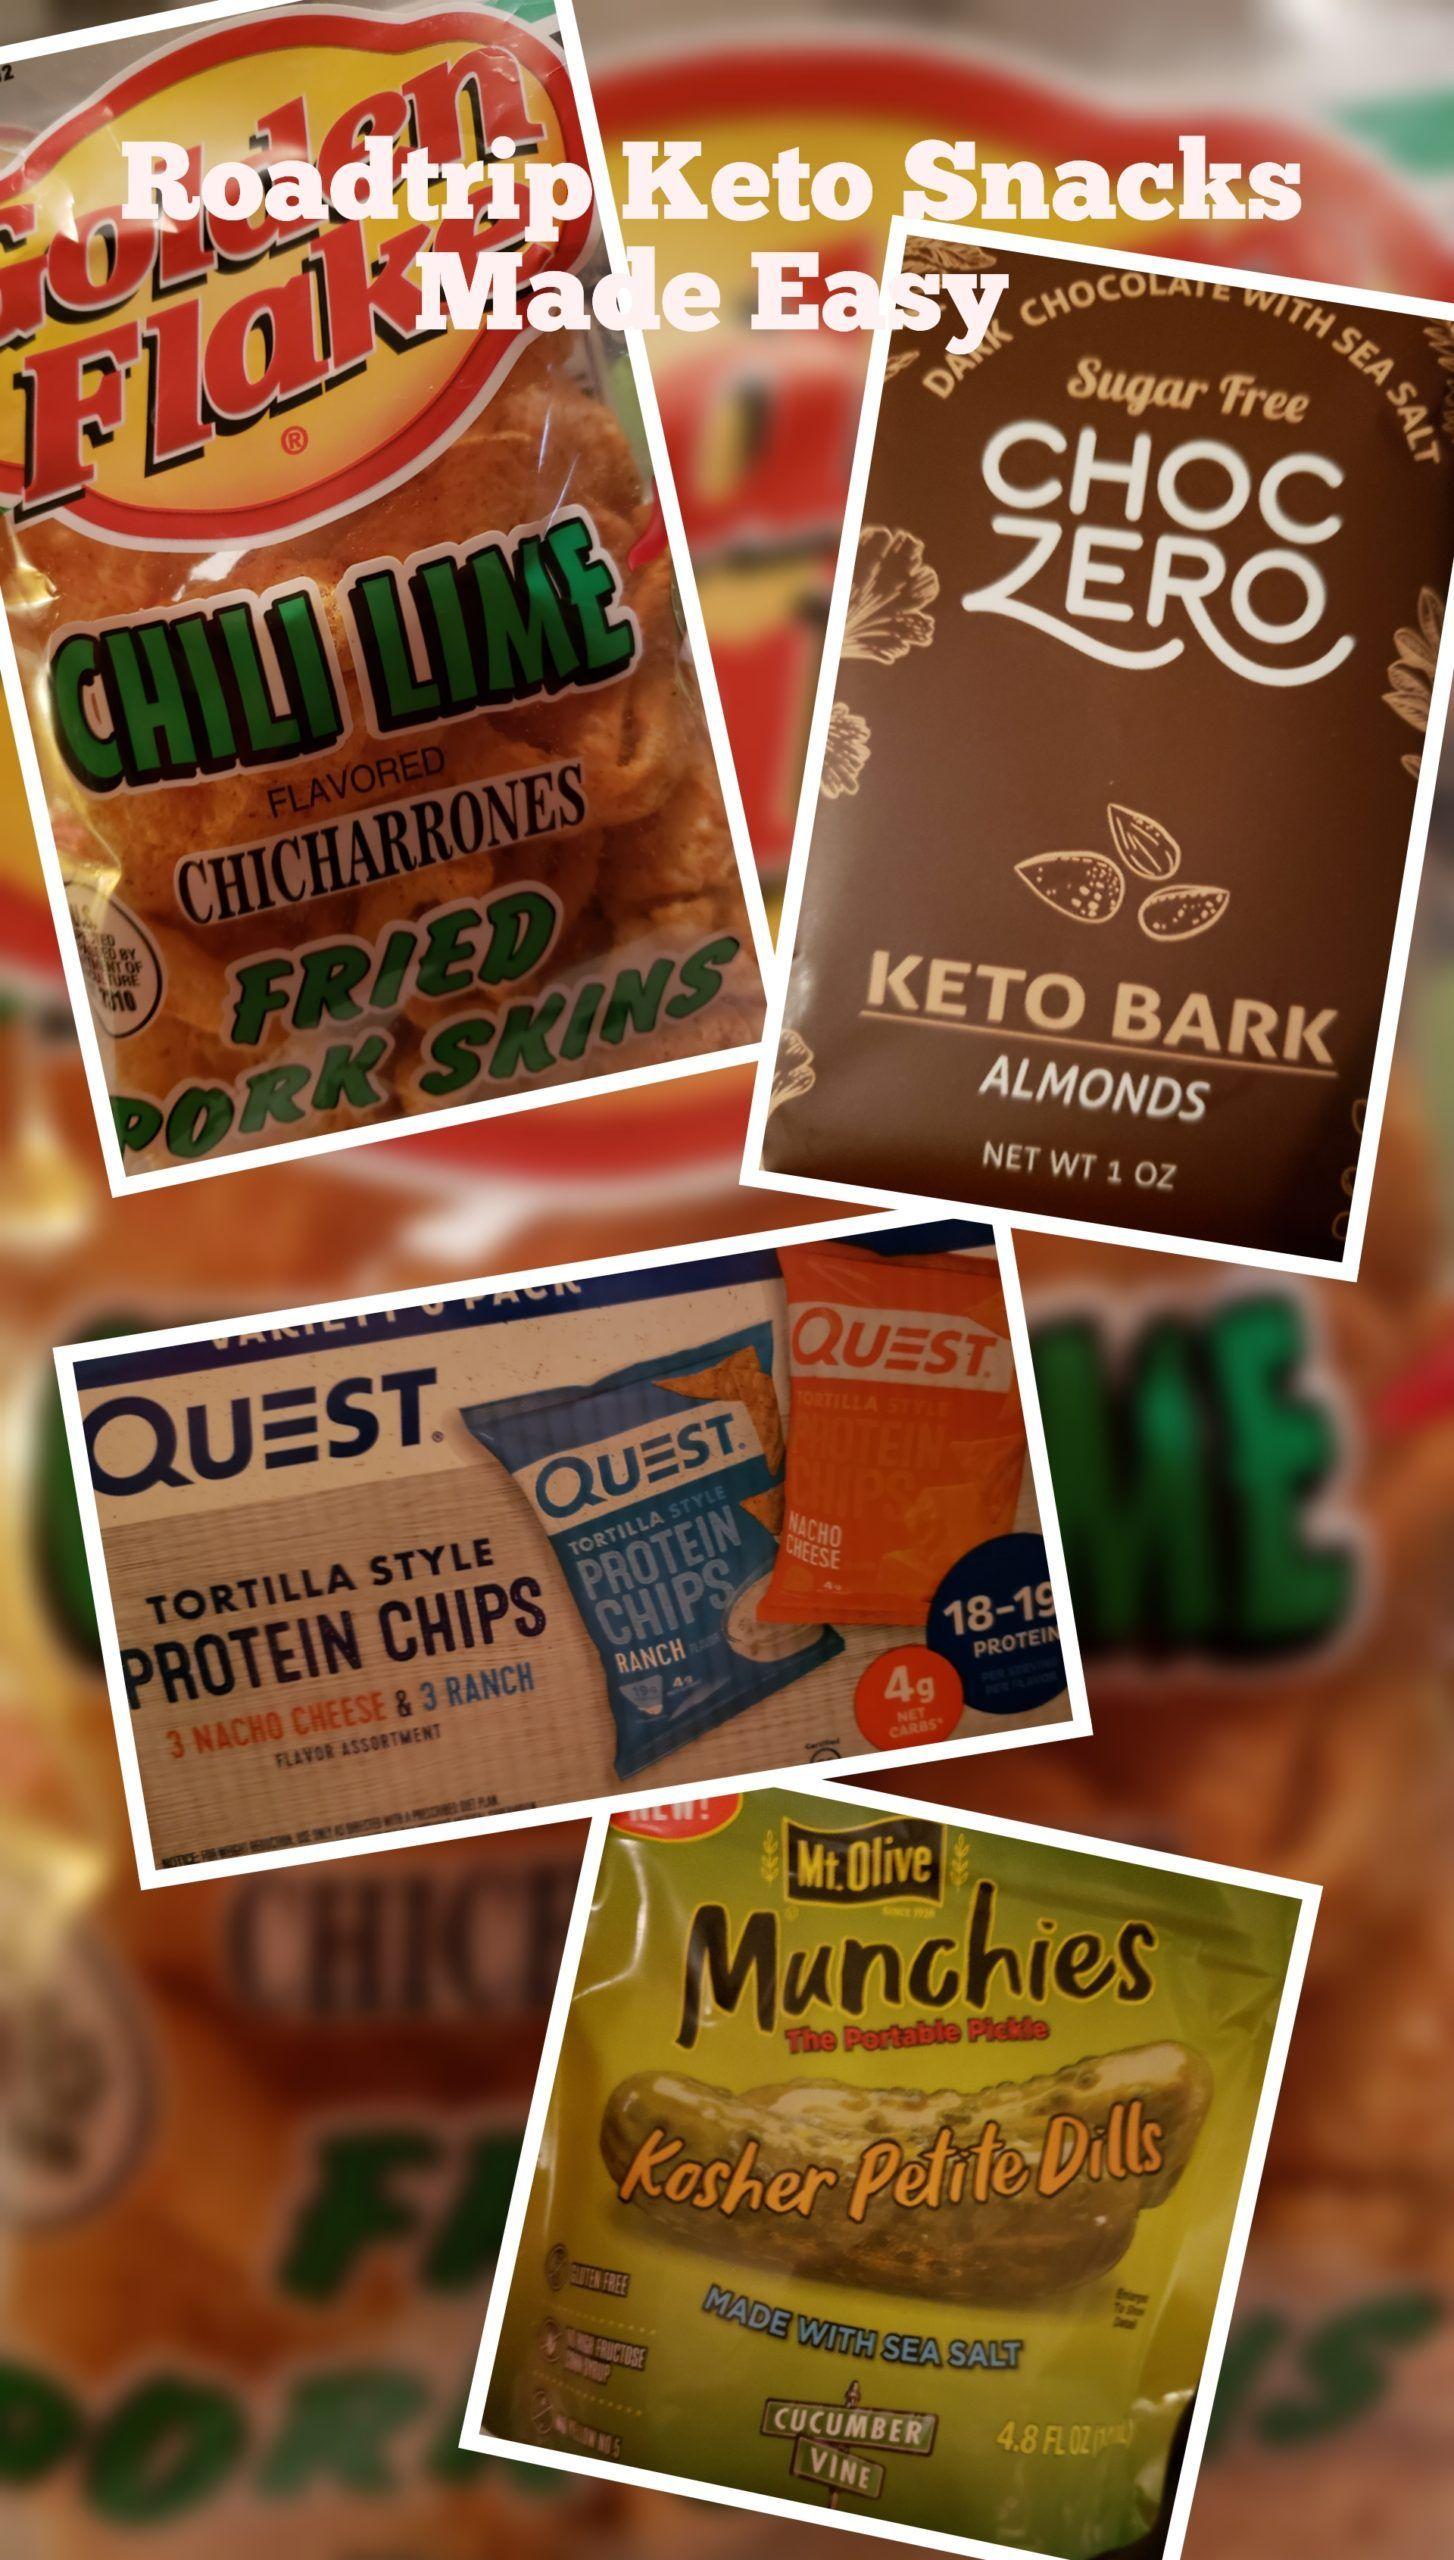 Roadtrip Snacks .. Keto Style Roadtrip Snacks .. Keto